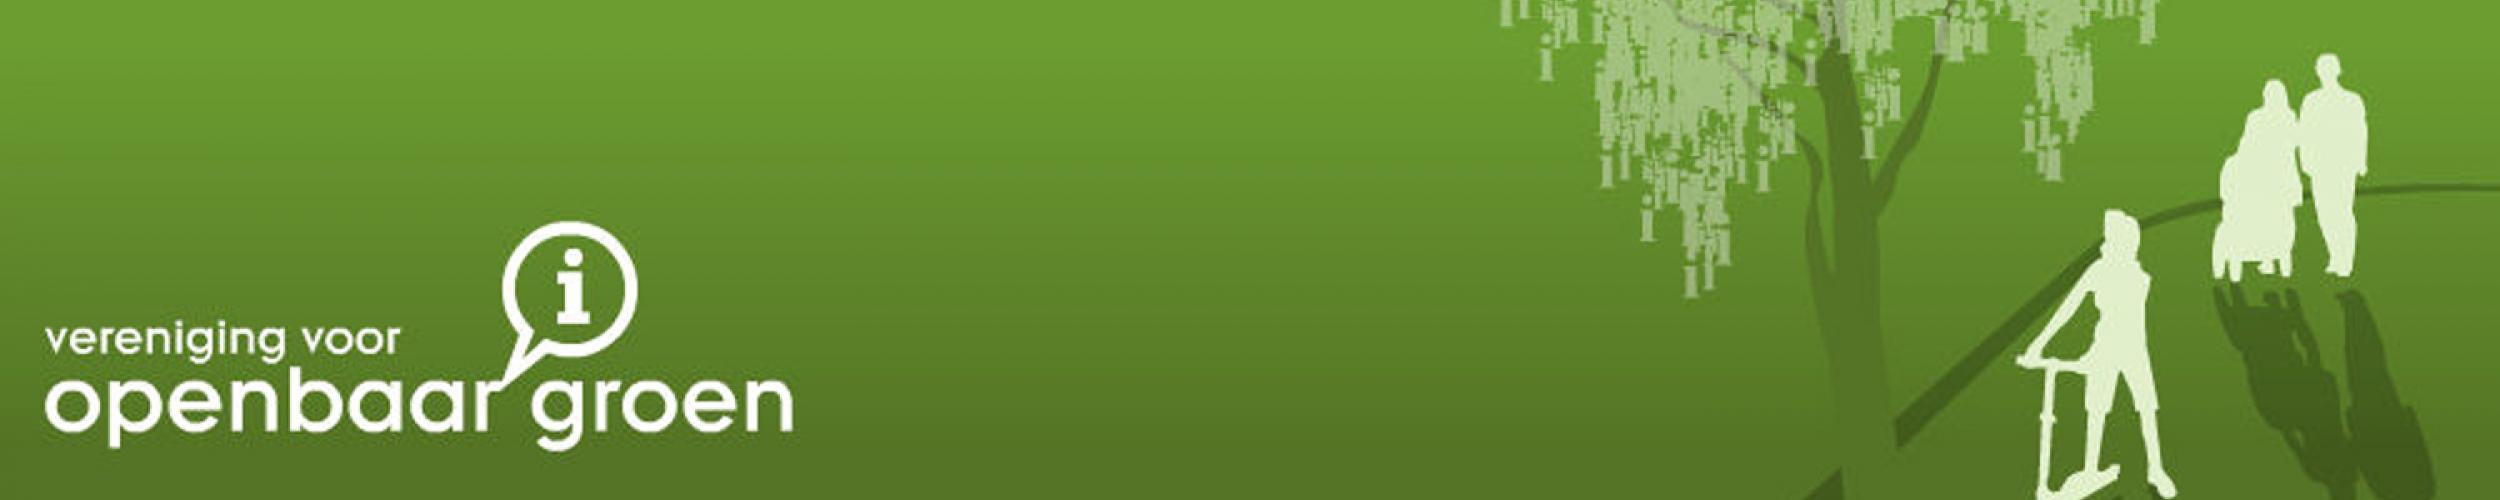 VVOG -  Vereniging Voor Openbaar Groen